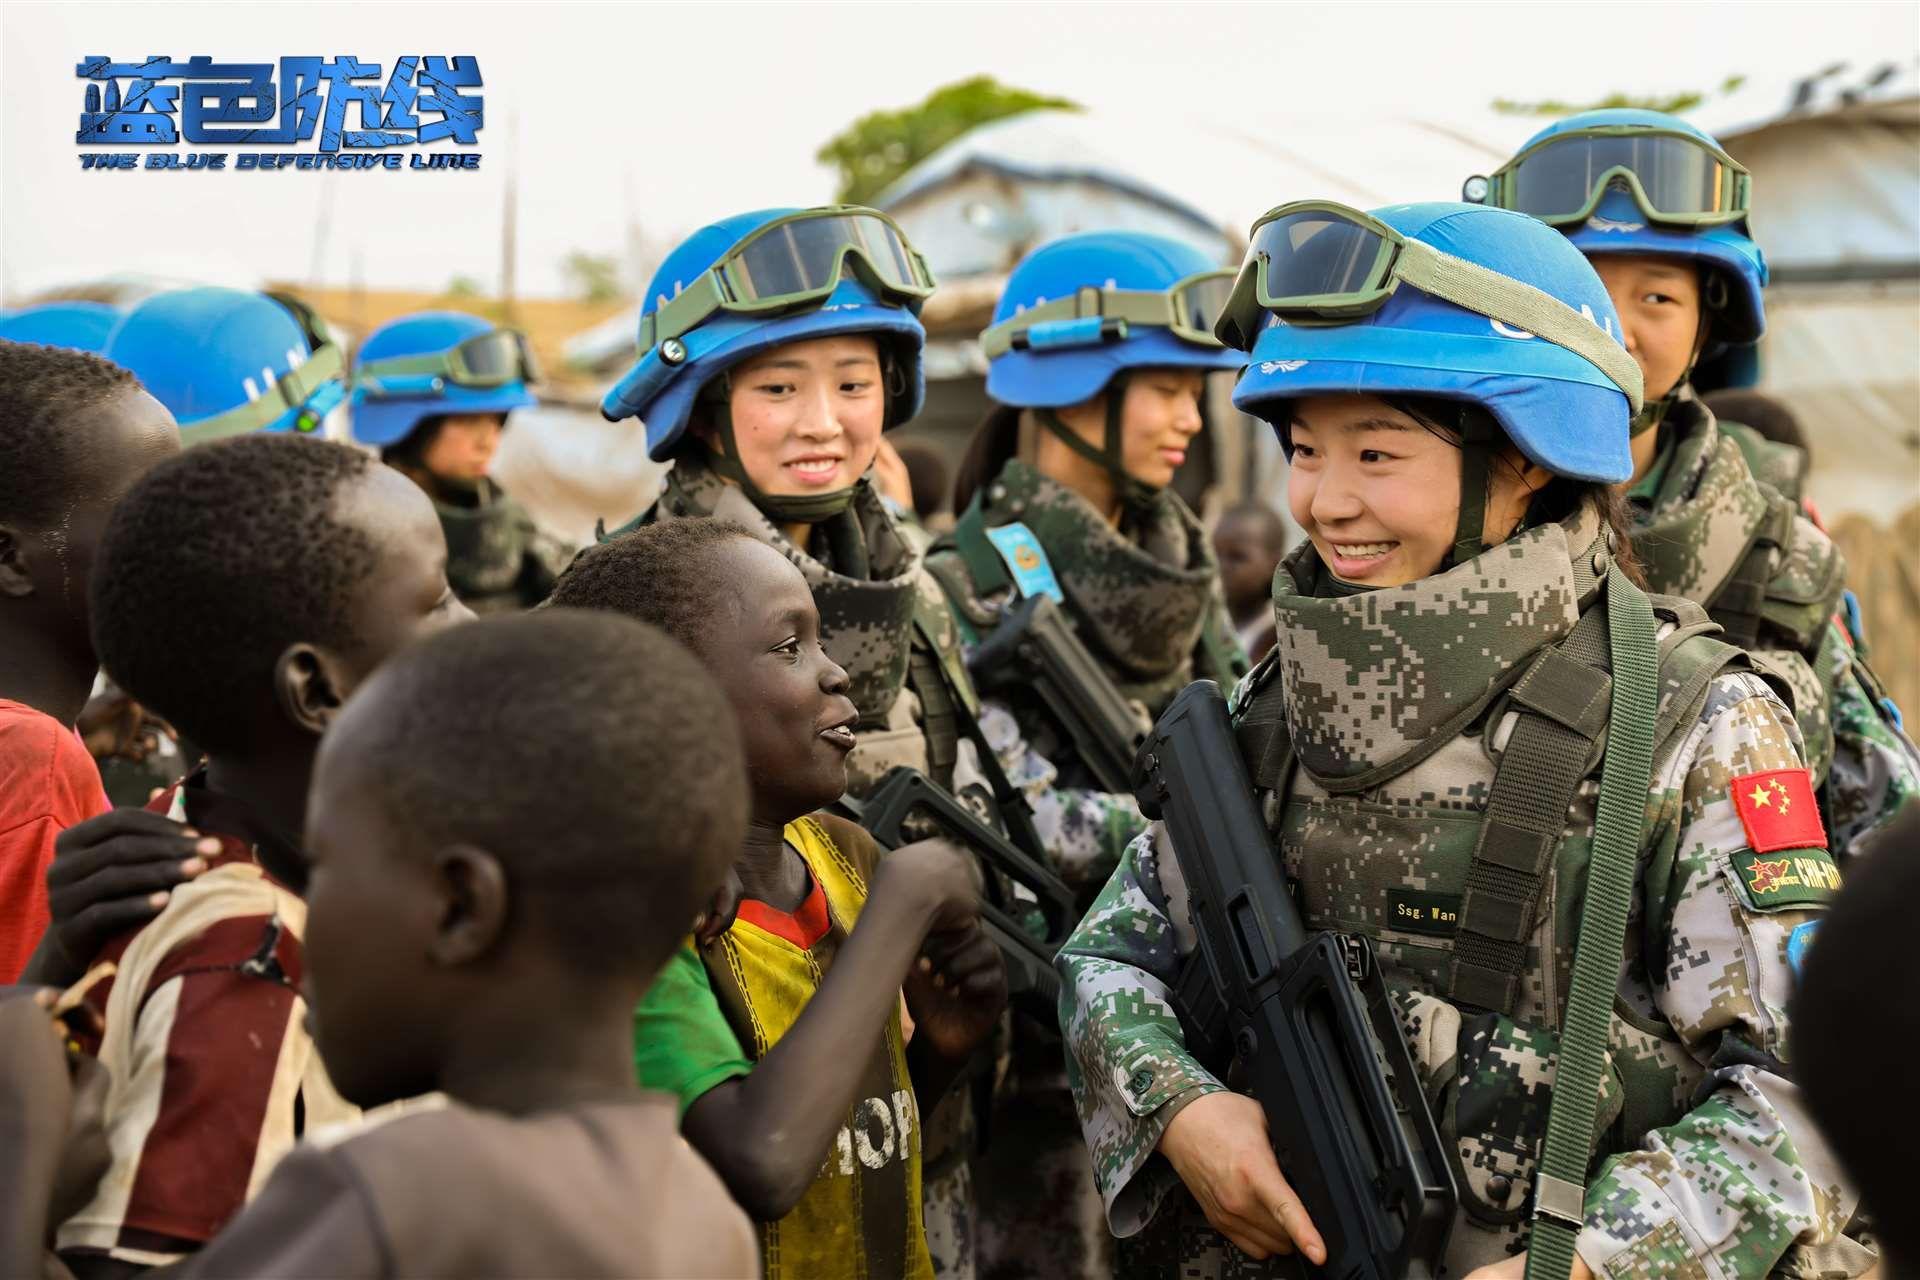 《蓝色防线》剧照,中国维和步兵营女兵与南苏丹小朋友亲切交流。